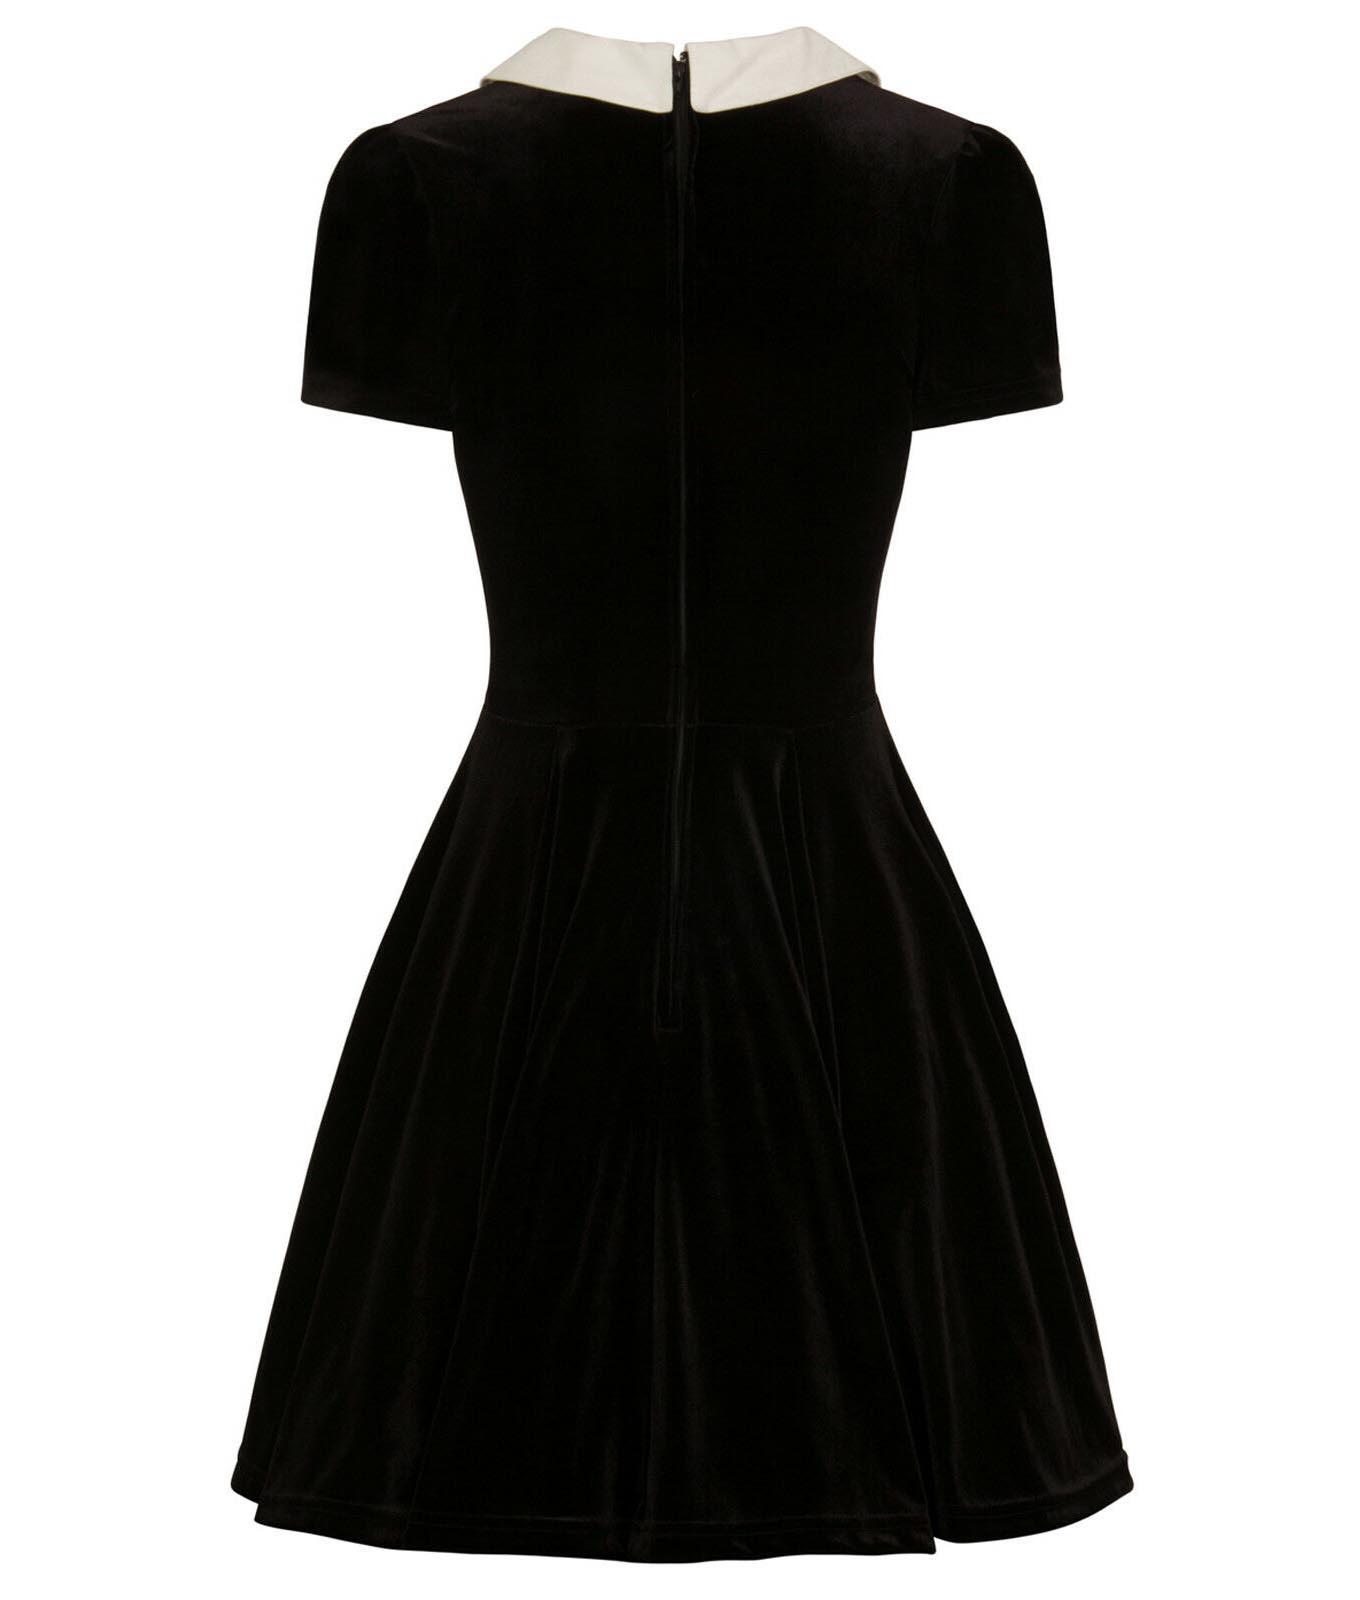 Hell-Bunny-Goth-Mini-Skater-Dress-NIGHTSHADE-Poison-Cherry-Black-Velvet-All-Size thumbnail 25